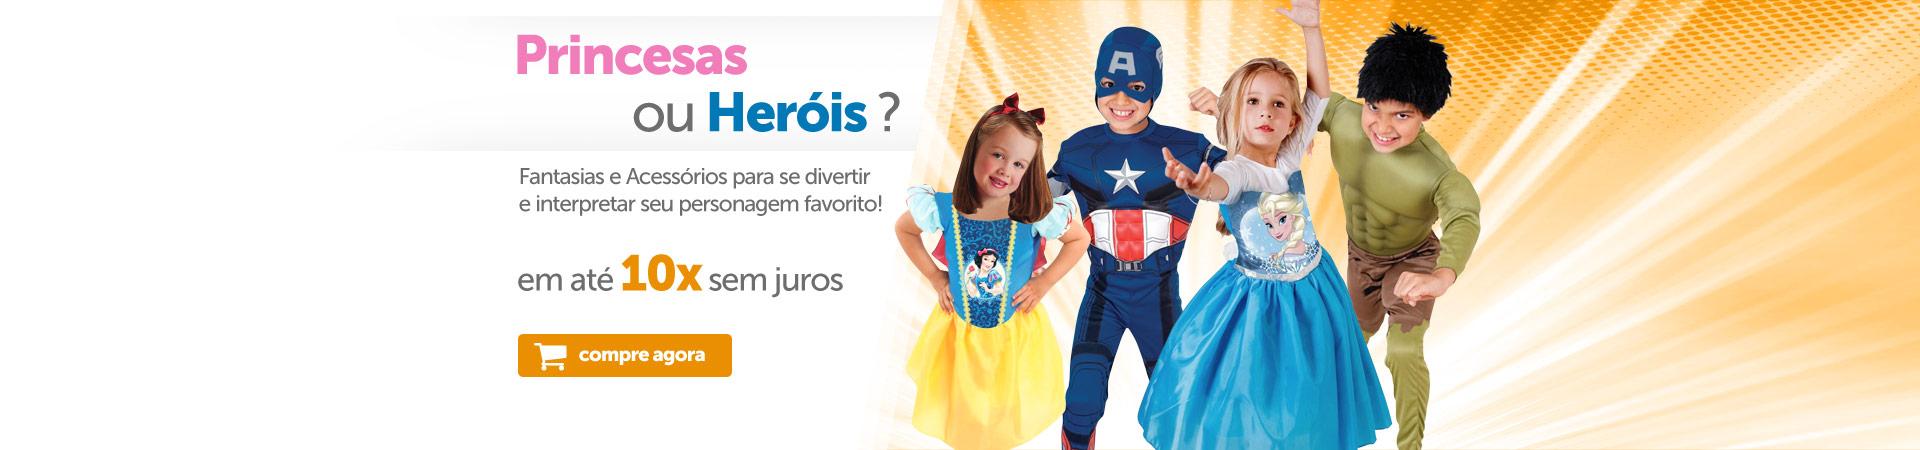 Princesas ou Heróis